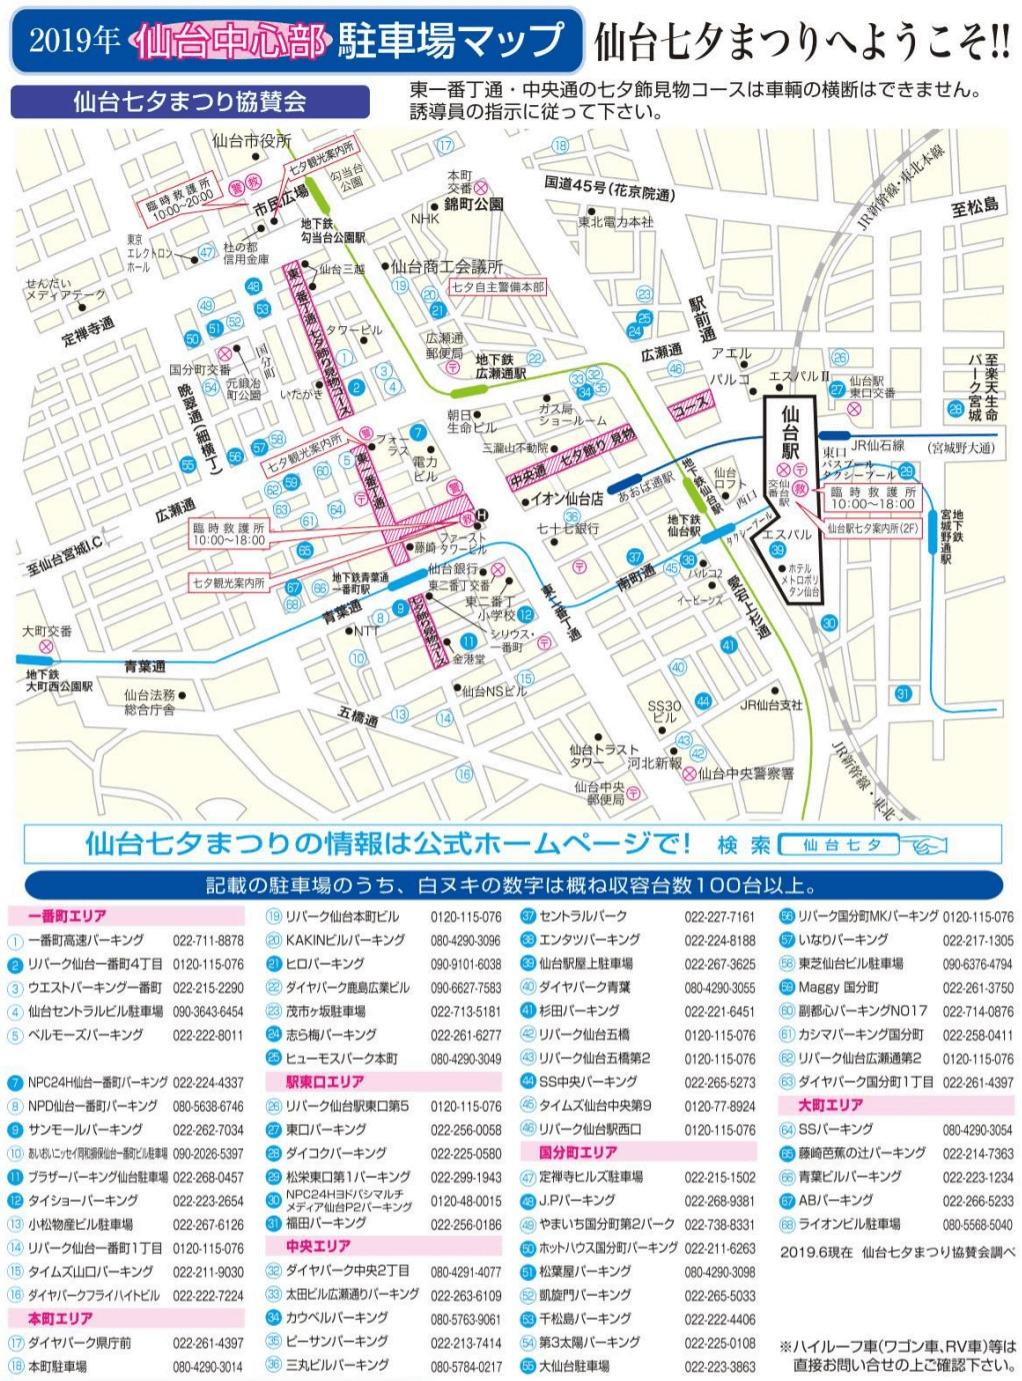 仙台七夕まつり 駐車場 地図